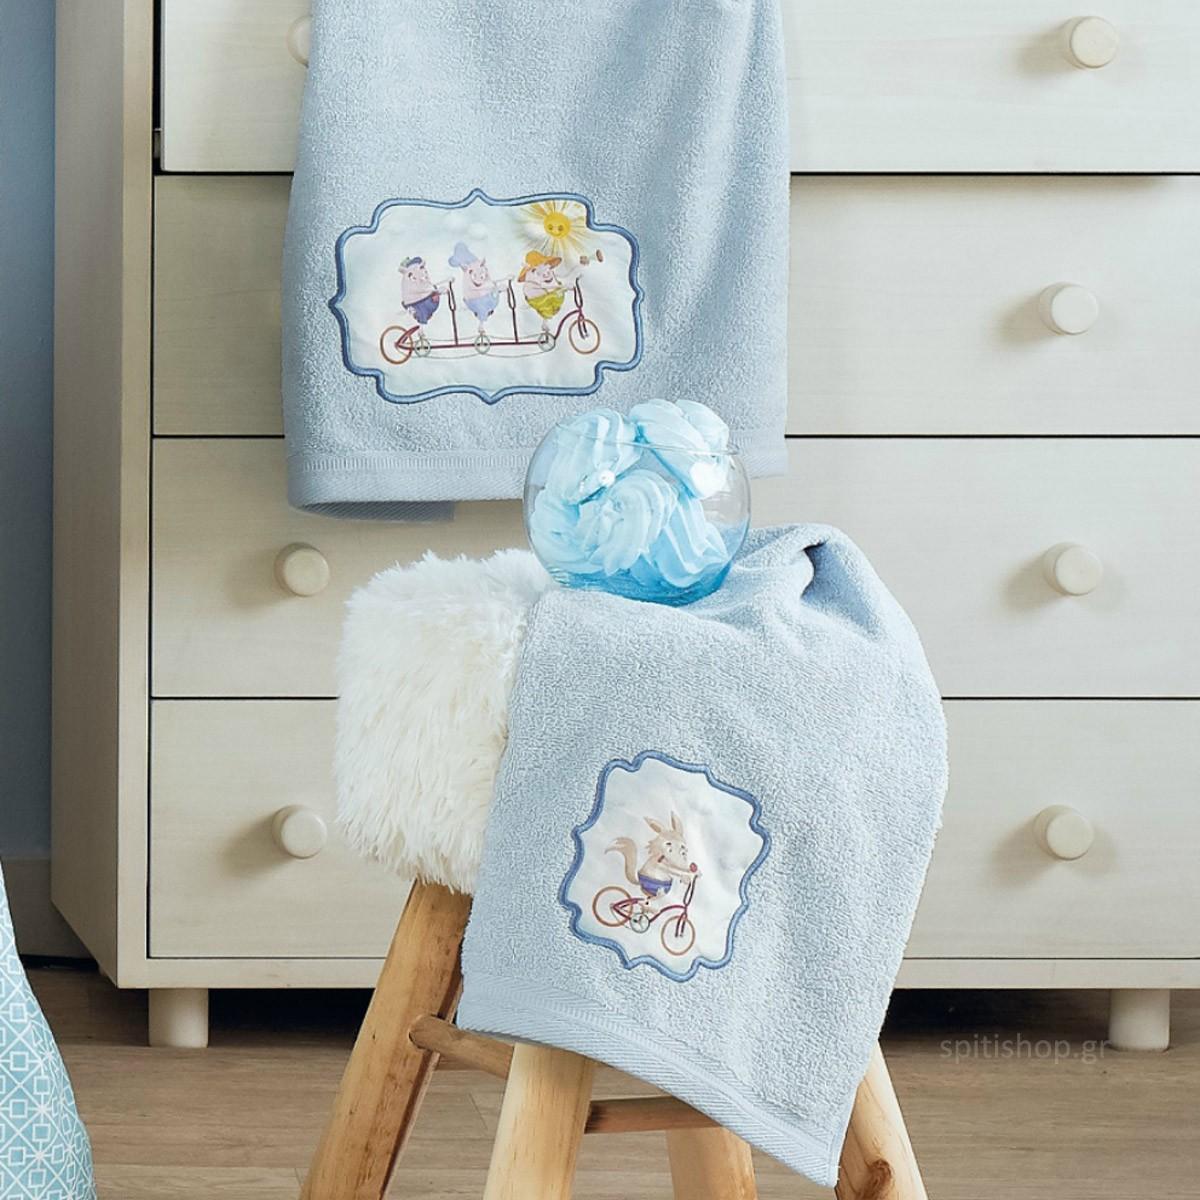 Βρεφικές Πετσέτες (Σετ 2τμχ) Kentia Baby Fairy Tale 19